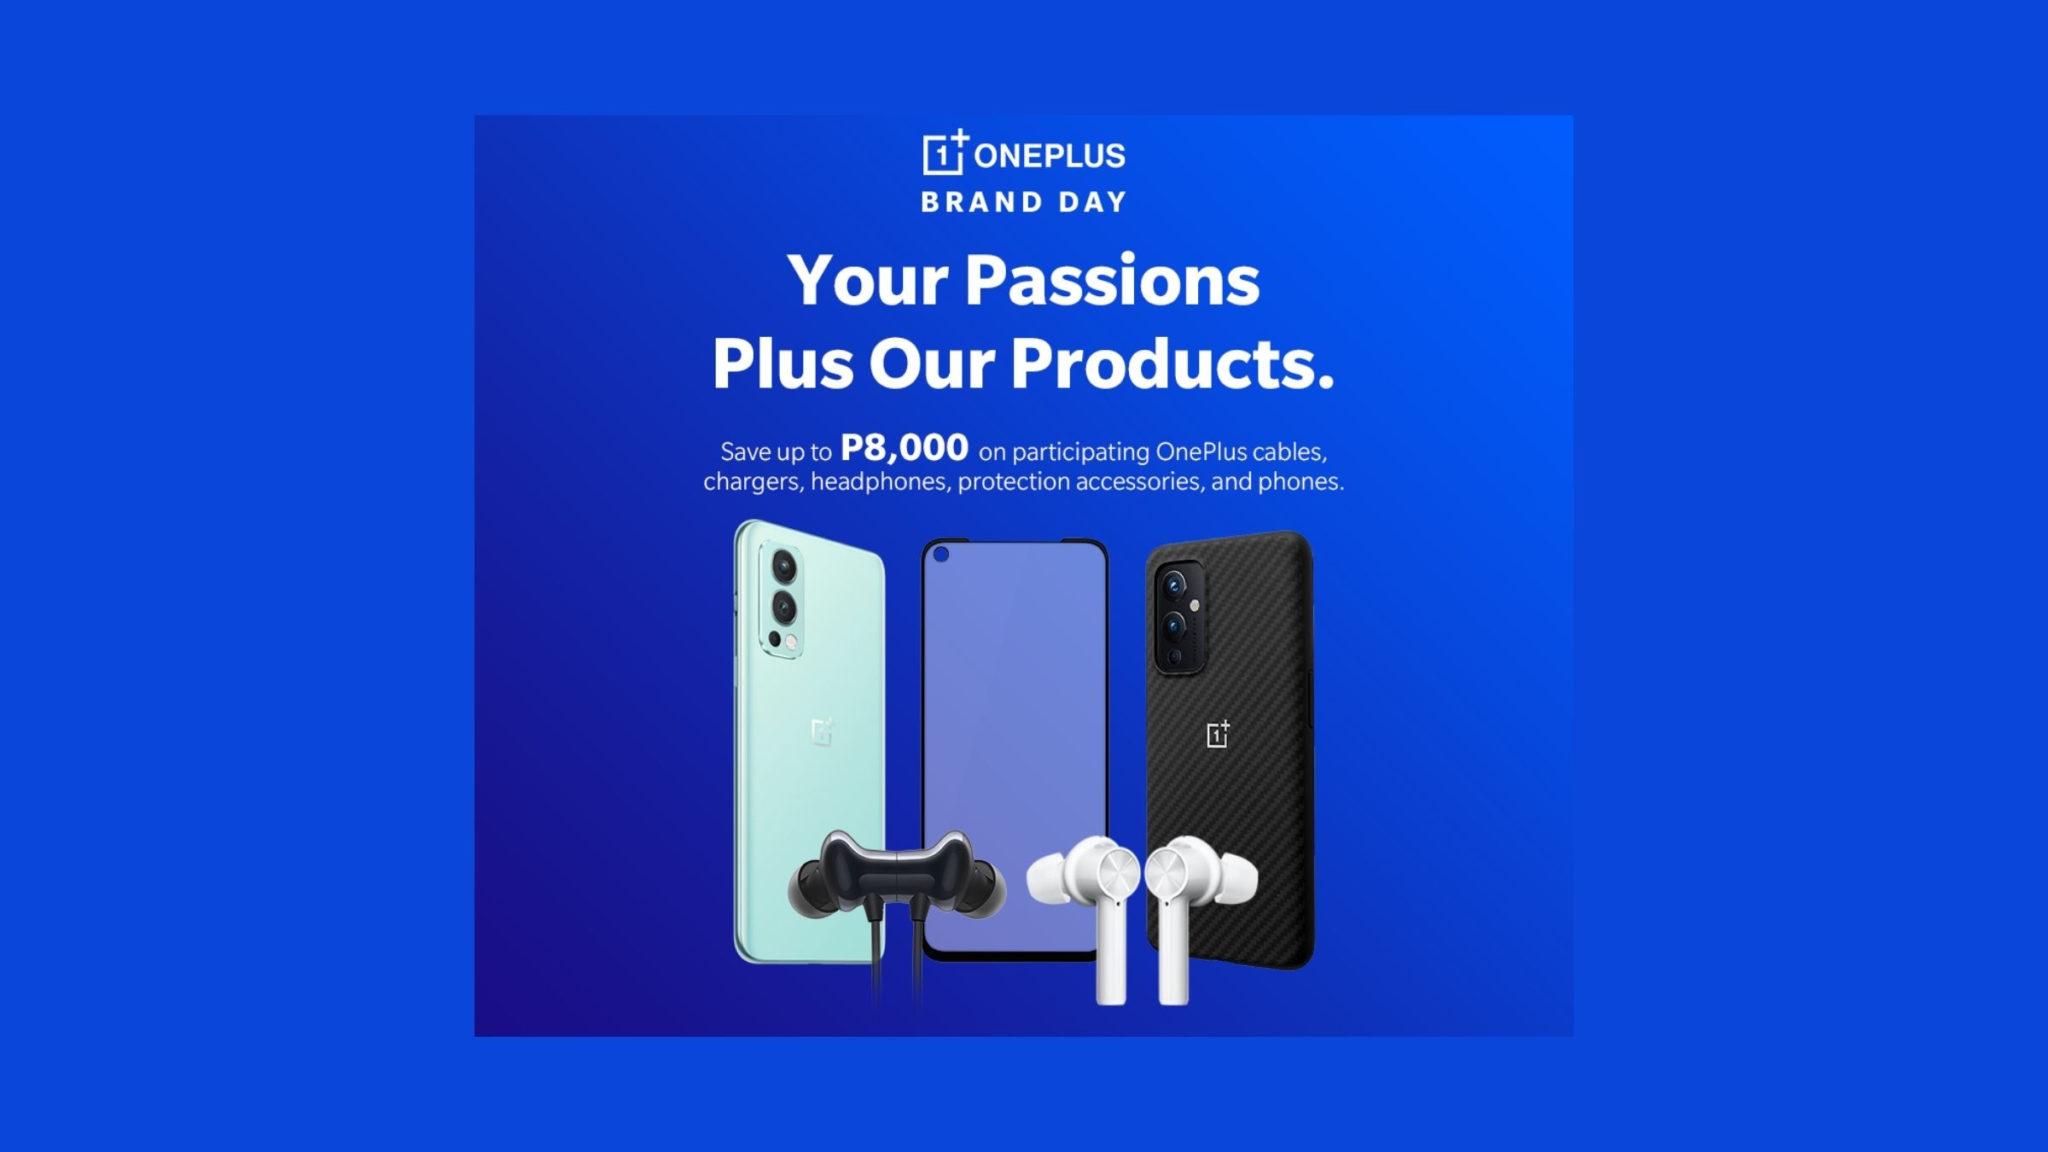 OnePlus Brand Day Header